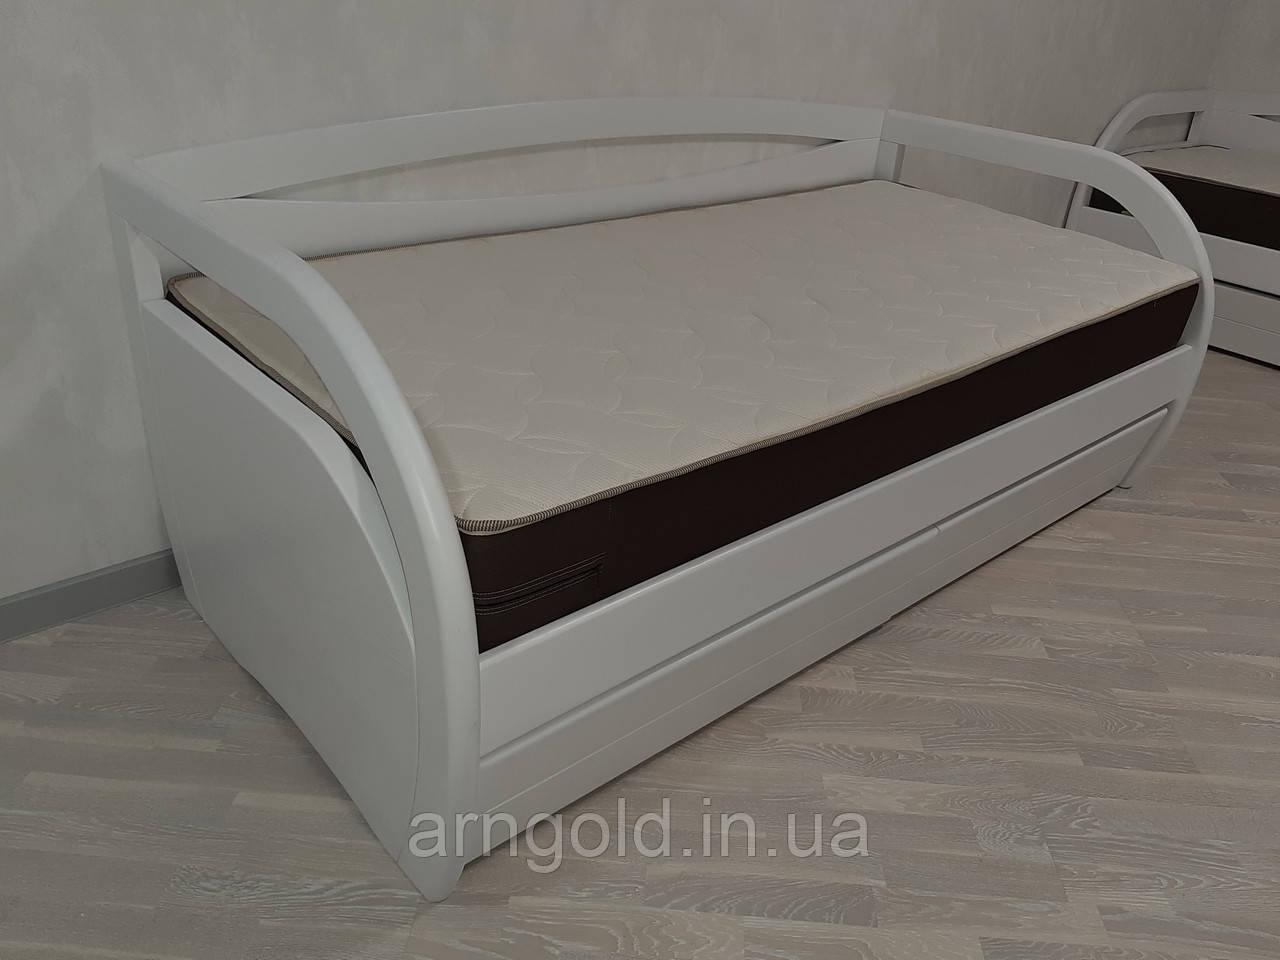 Кровать деревянная белая Bavaria Arngold